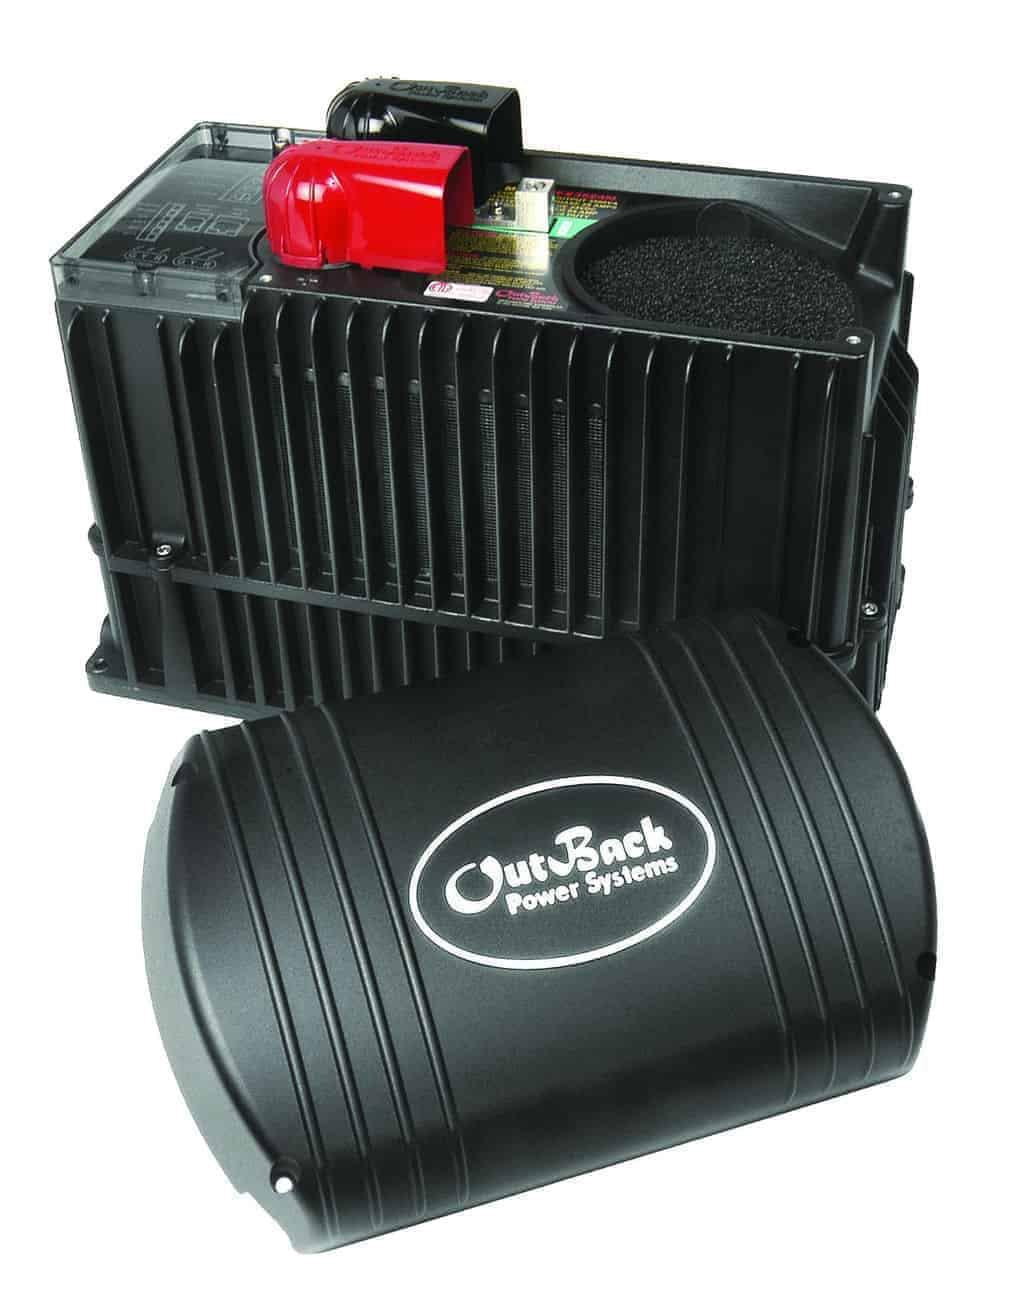 Outback Power VFXR3048E Export Inverter